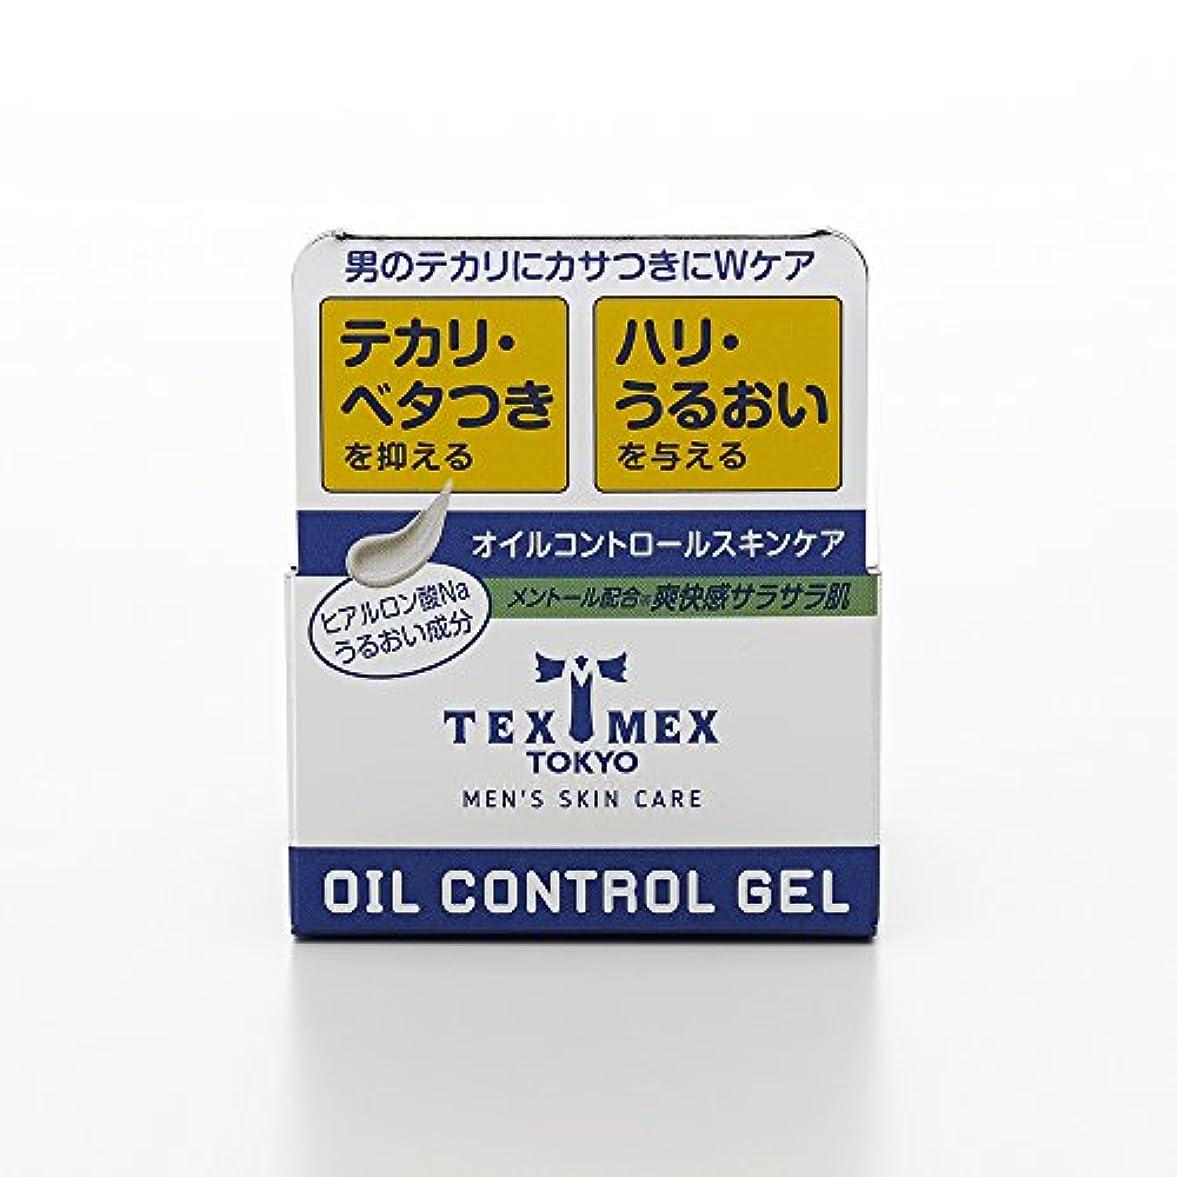 動物ヘッジ排除テックスメックス オイルコントロールジェル 24g (テカリ防止ジェル) 【塗るだけでサラサラ肌に】